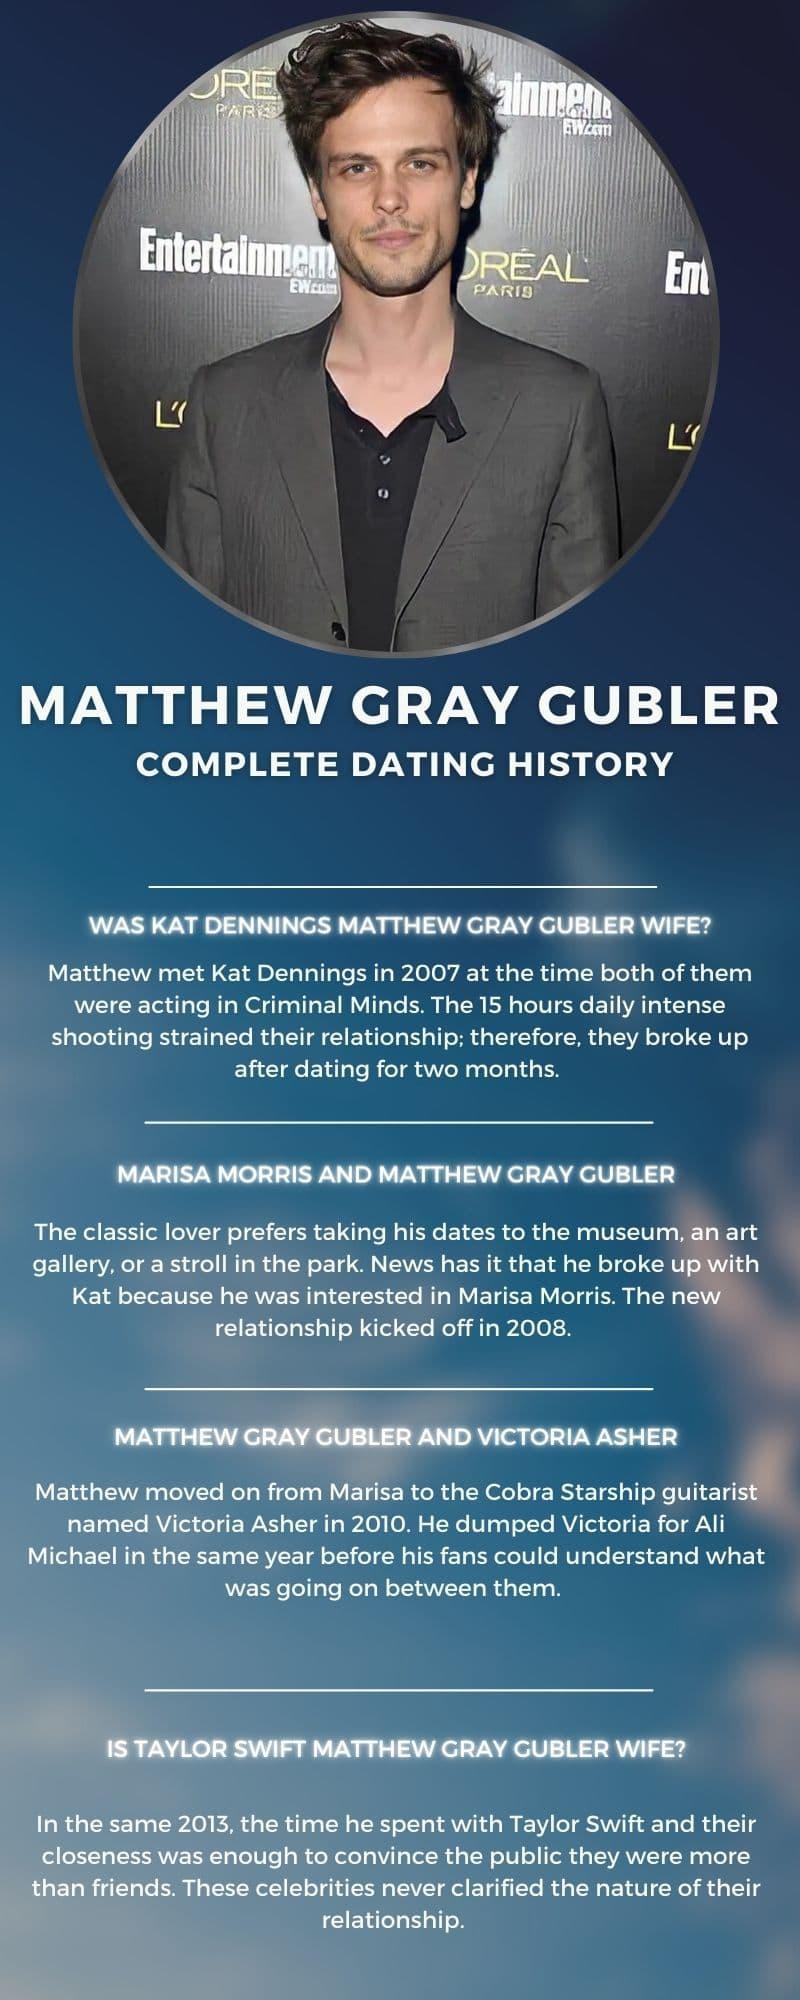 Matthew Grays dating history